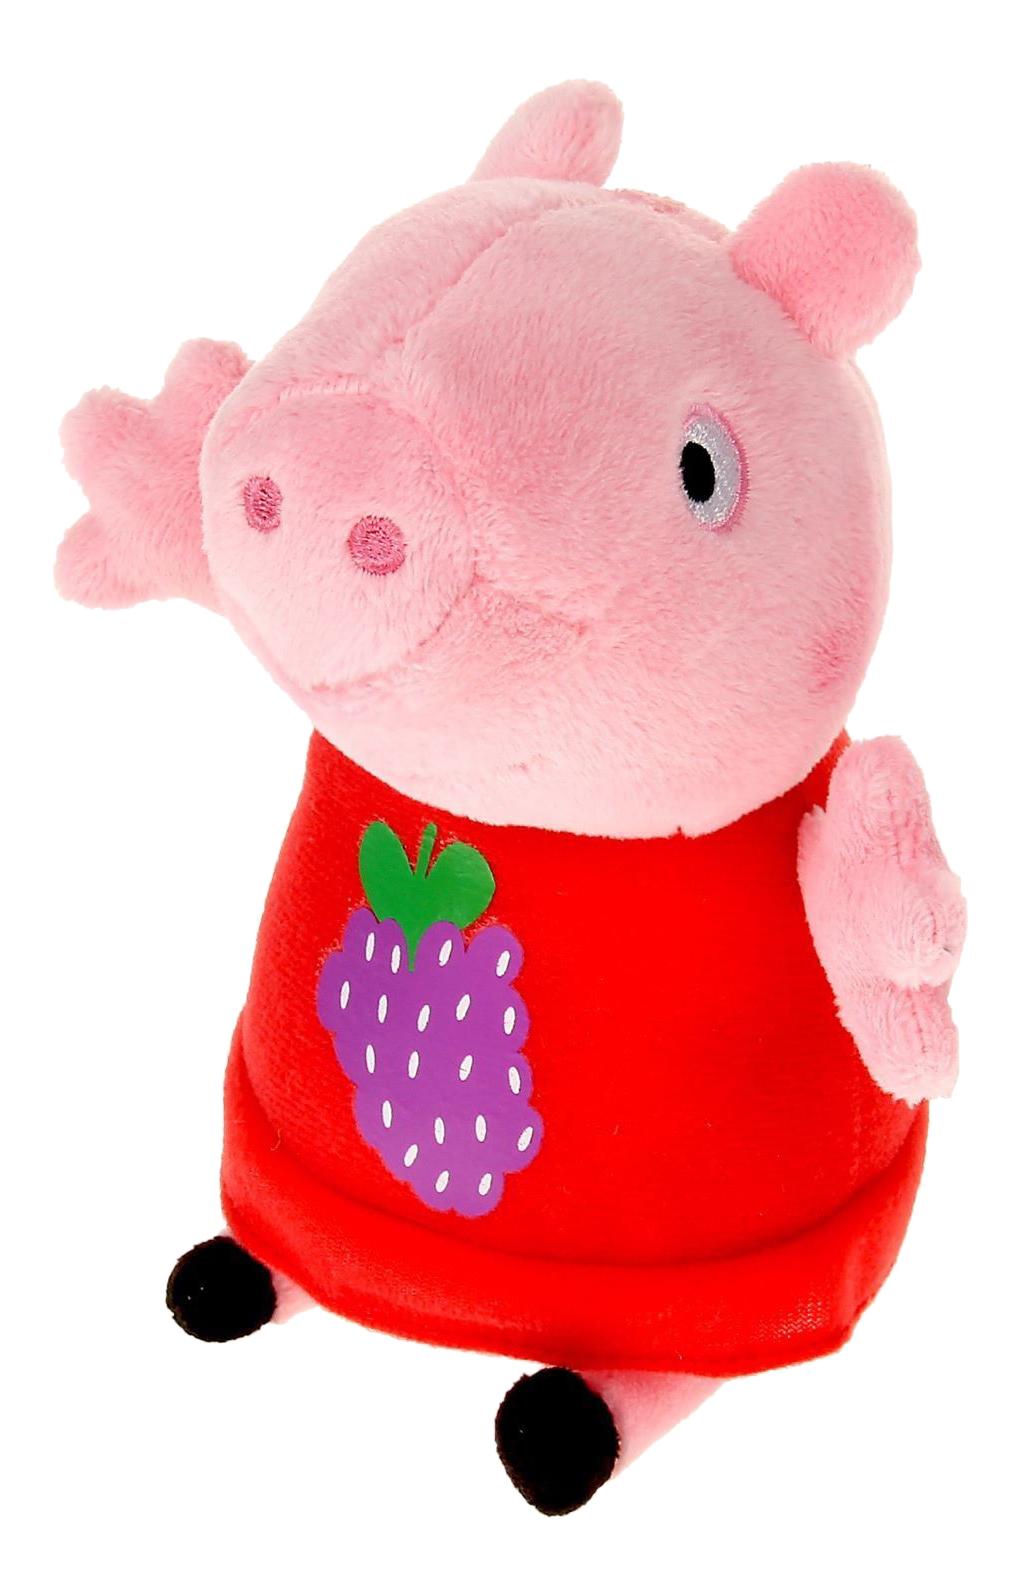 Купить Пеппа с виноградом, Мягкая игрушка Peppa Pig Пеппа с виноградом, Росмэн, Мягкие игрушки персонажи